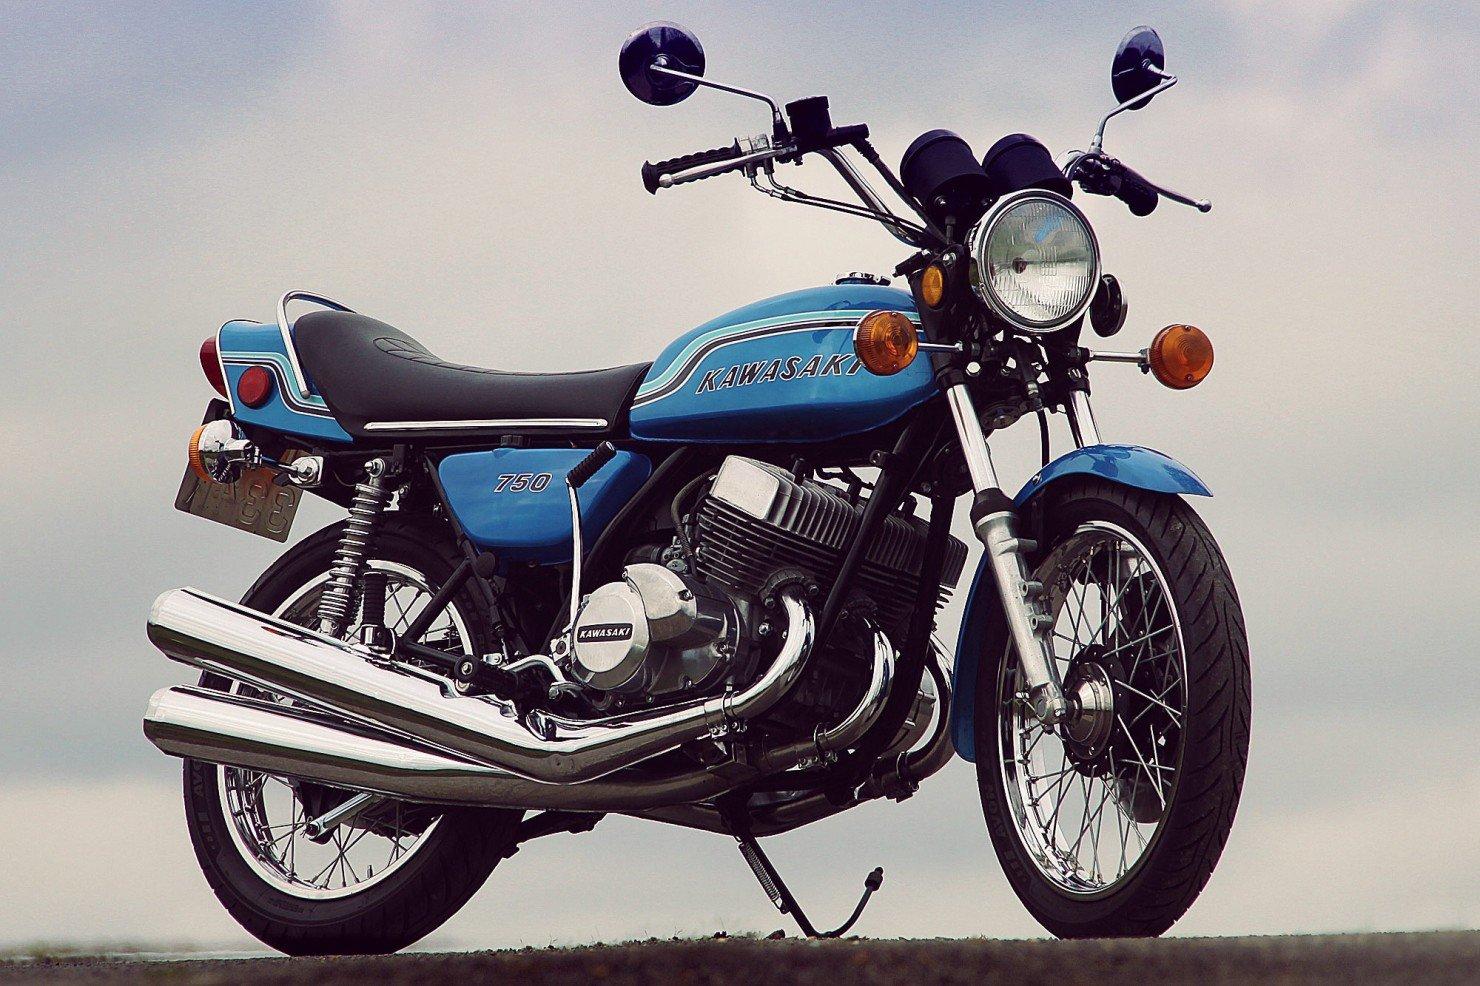 Kawasaki_H2_750_4